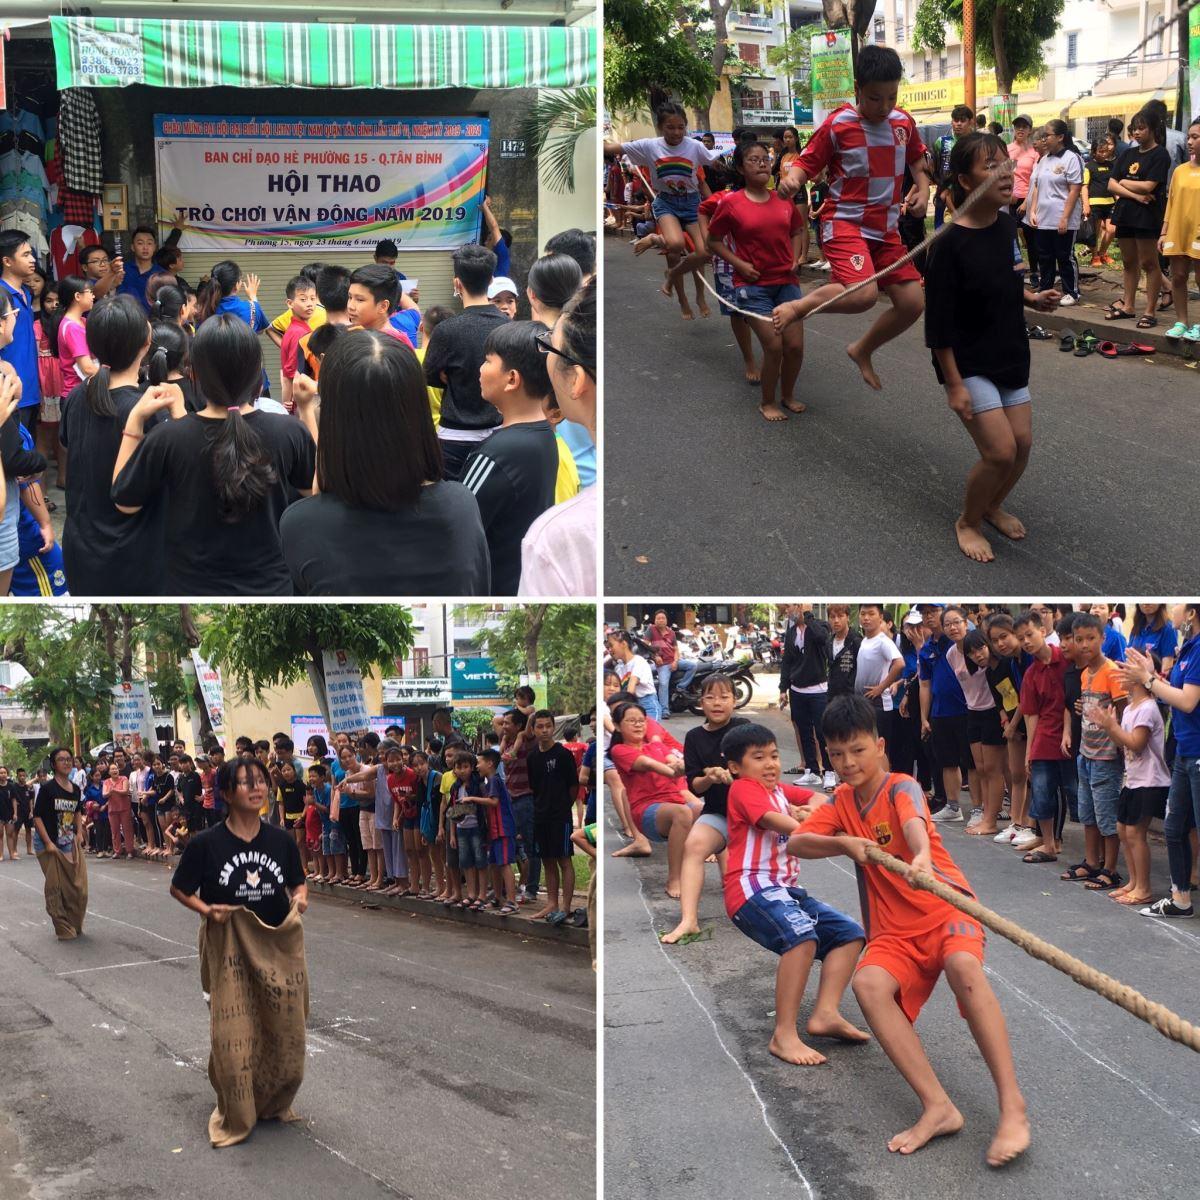 Phường 15: Tổ chức Hội thao các môn trò chơi vận động hè năm 2019